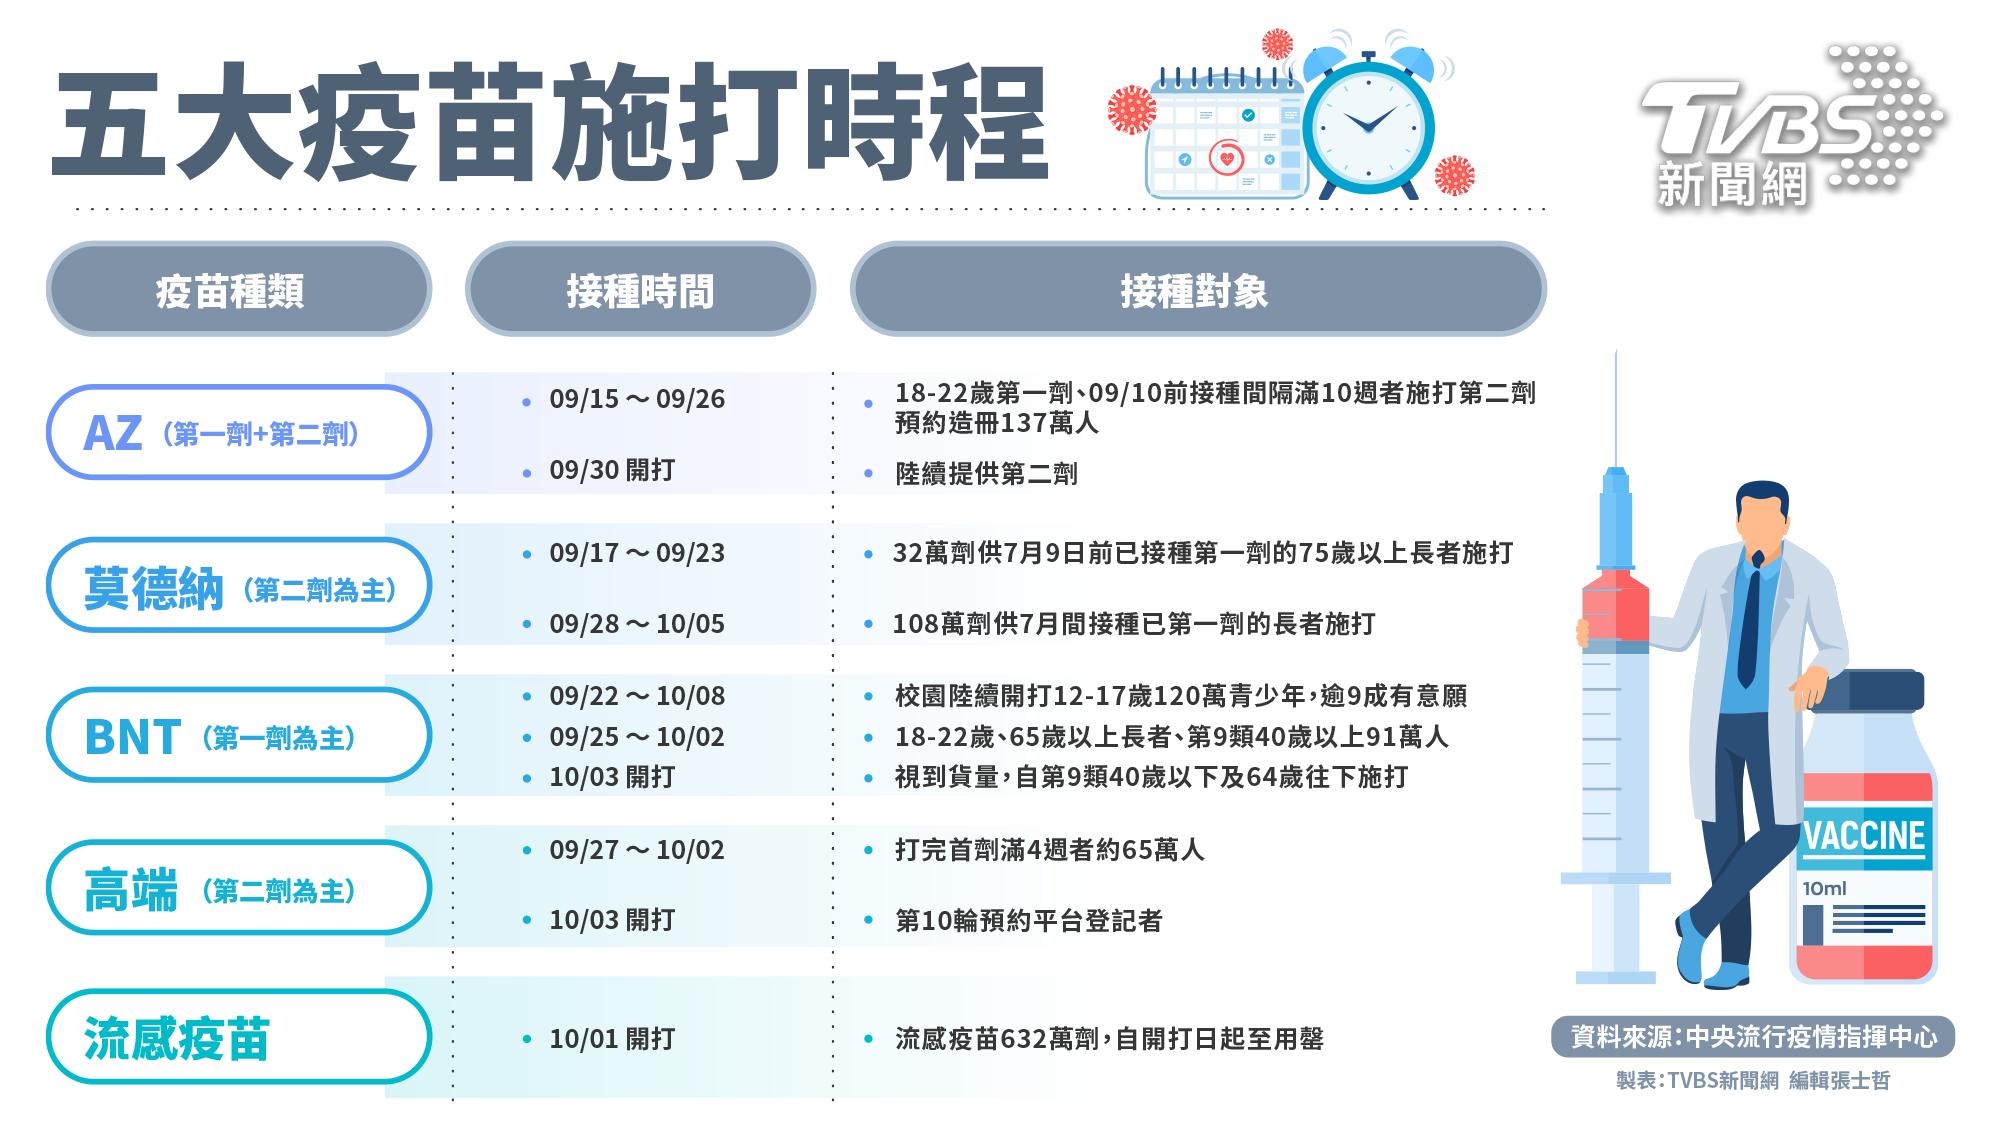 國內10月份將有5種疫苗同時開打。(圖/TVBS新聞網製表) 全台第一次!10月「5大疫苗」同時開打 時程曝光